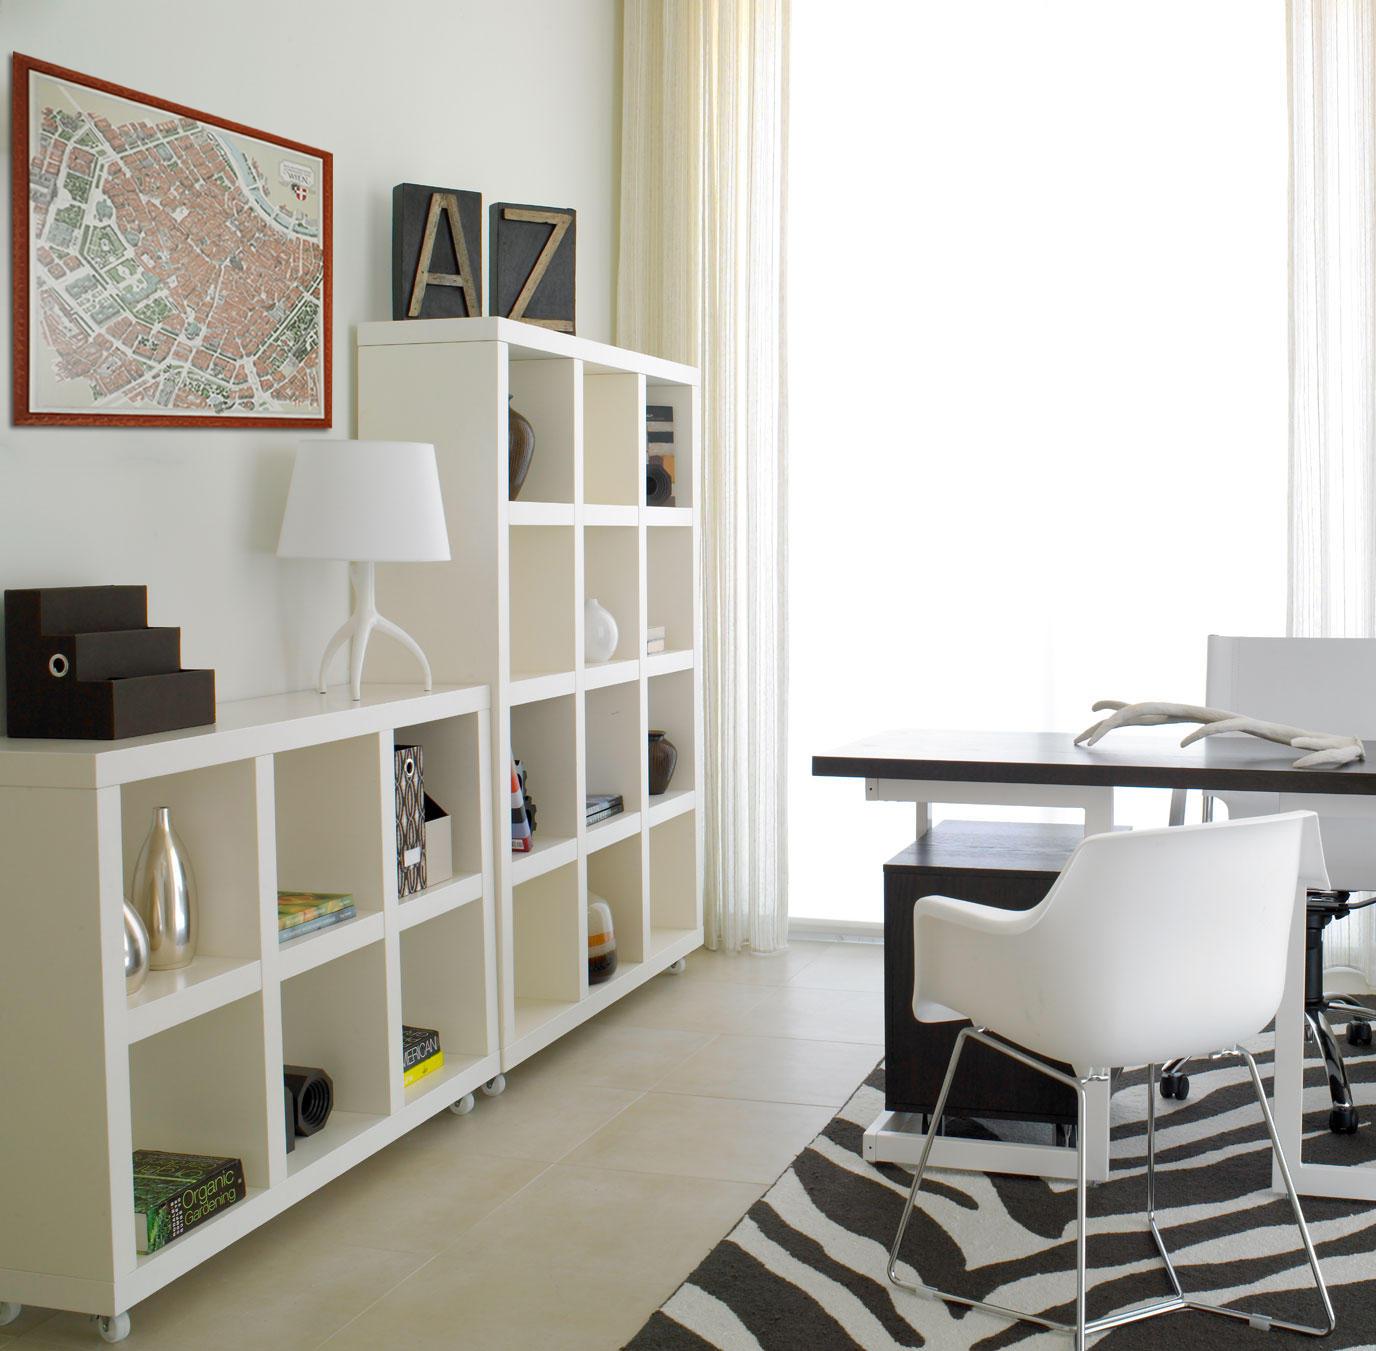 Gerahmter Wienplan im Arbeitszimmer